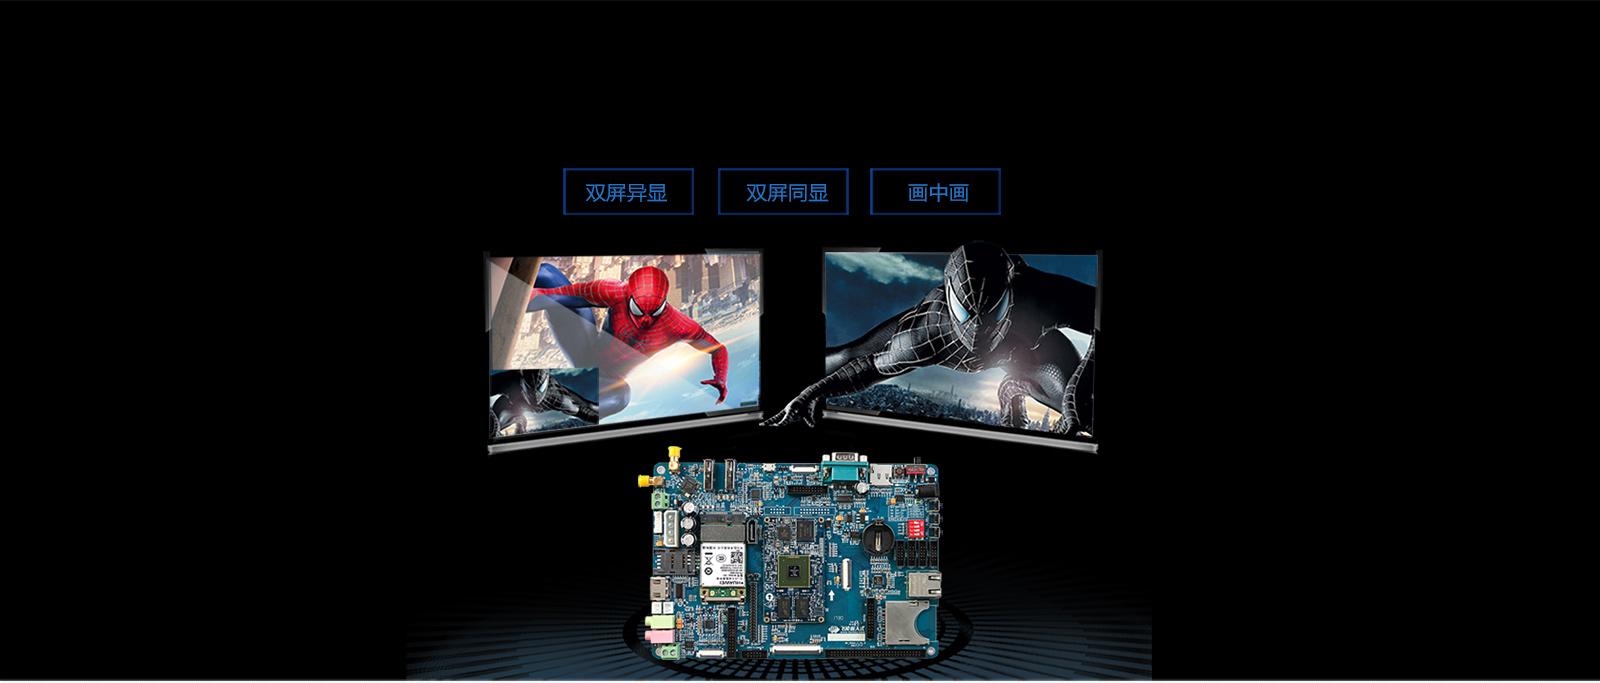 i.MX6Q双屏支持